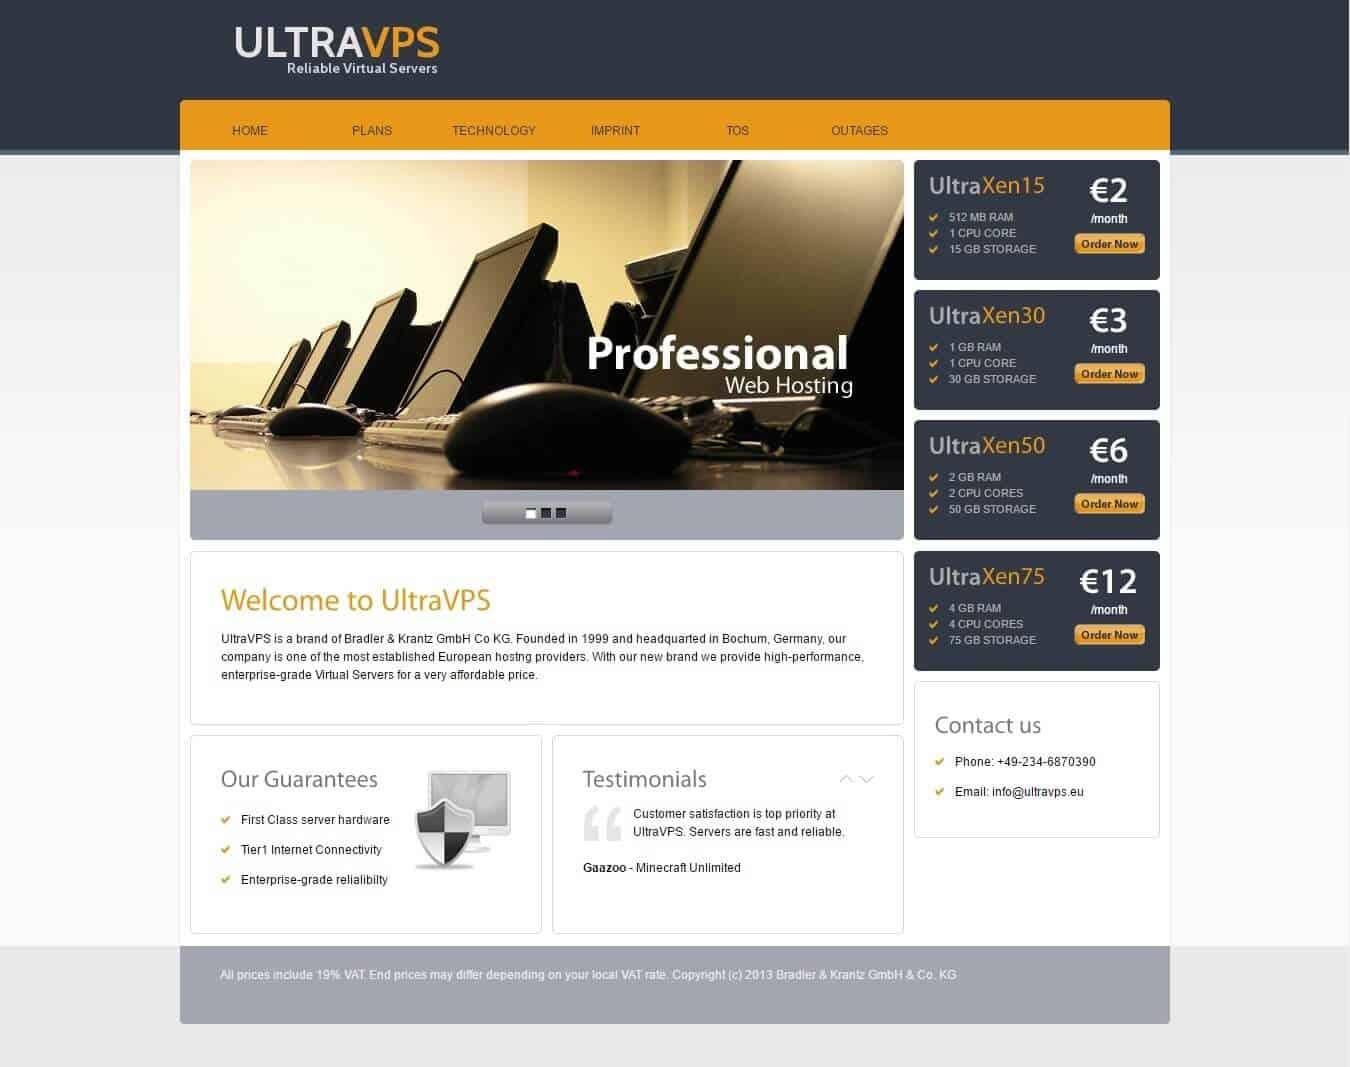 Ultravps